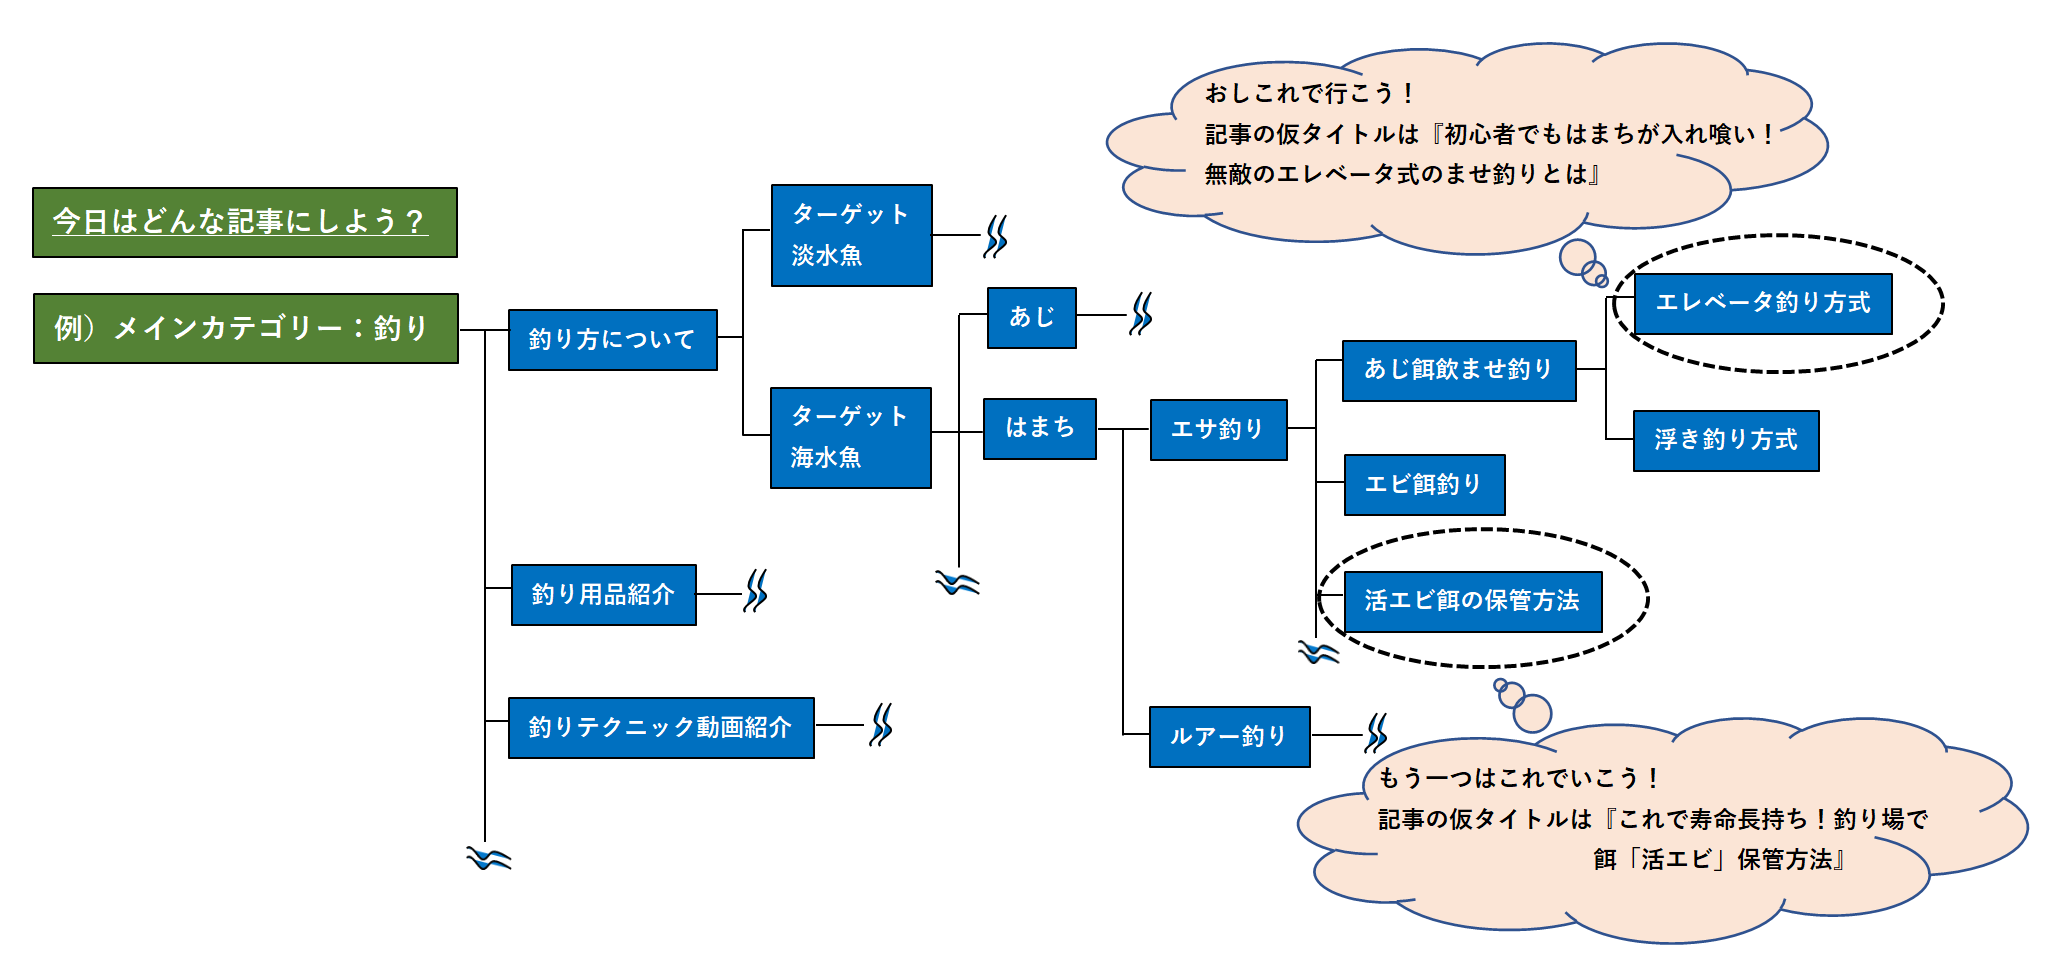 ブログサイトマップを系統図で表している